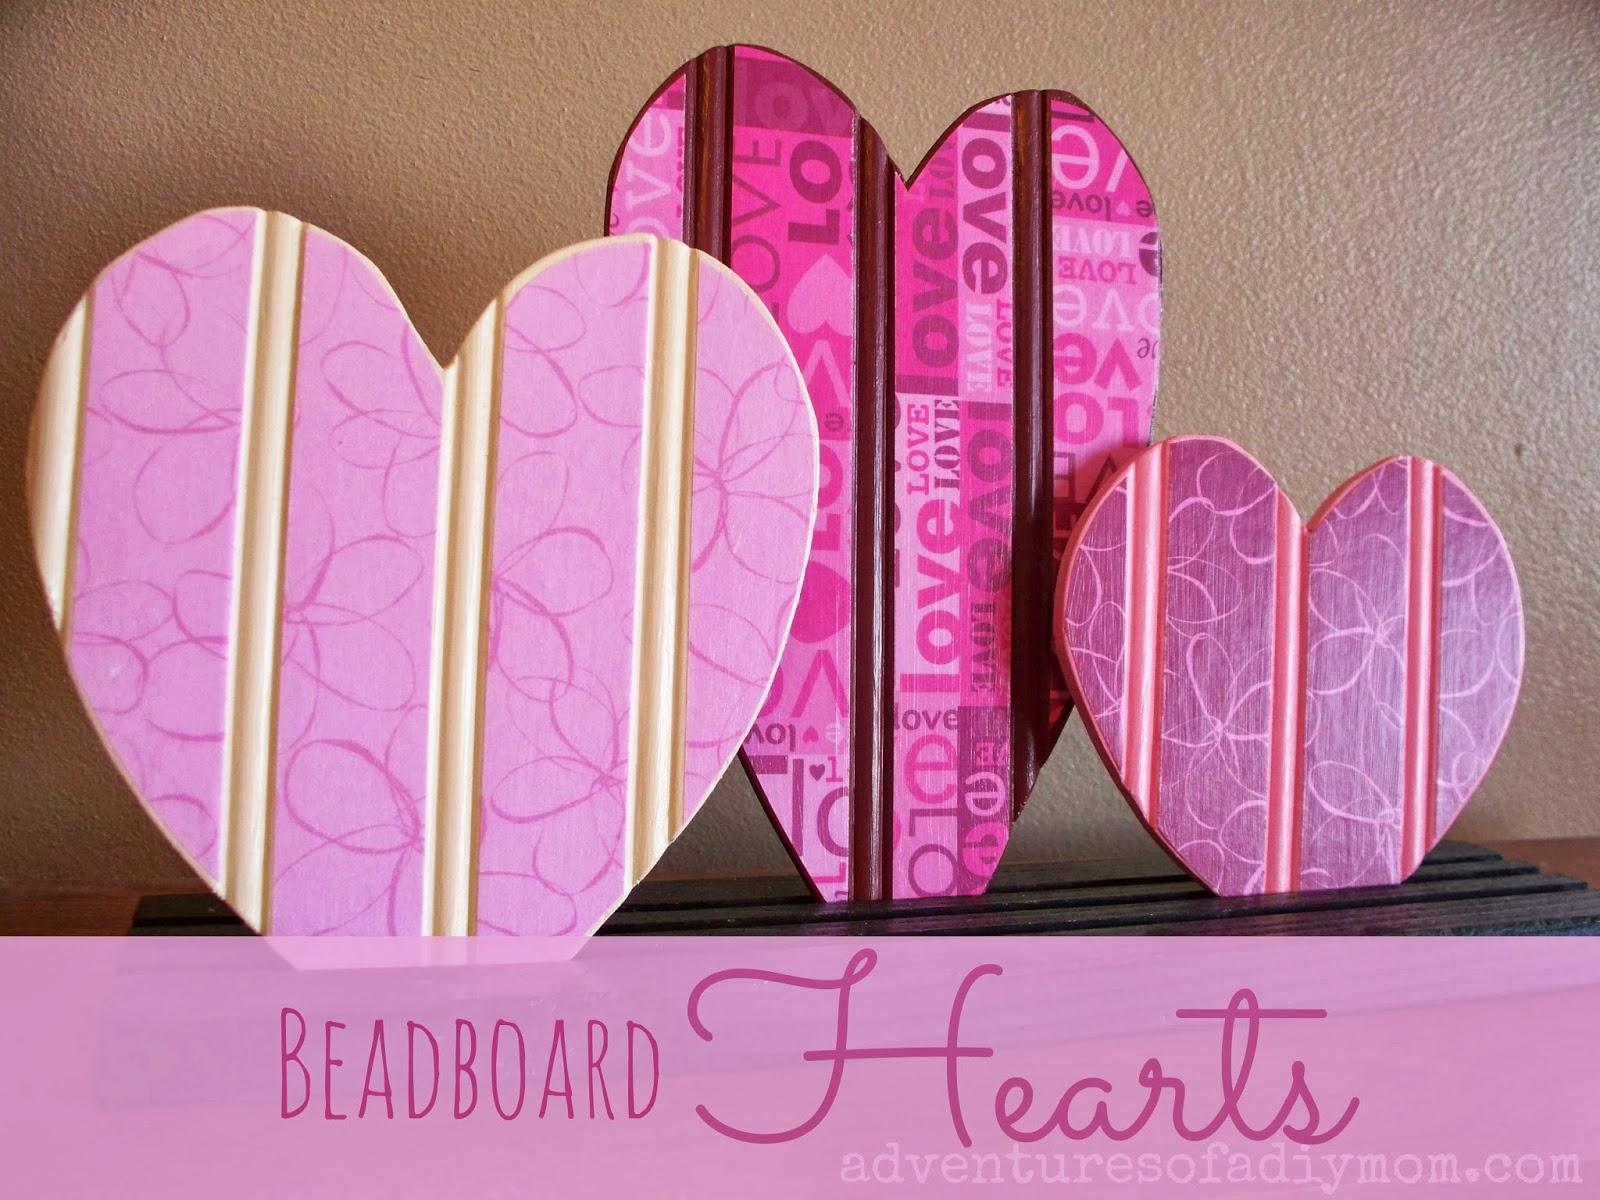 Beadboard hearts